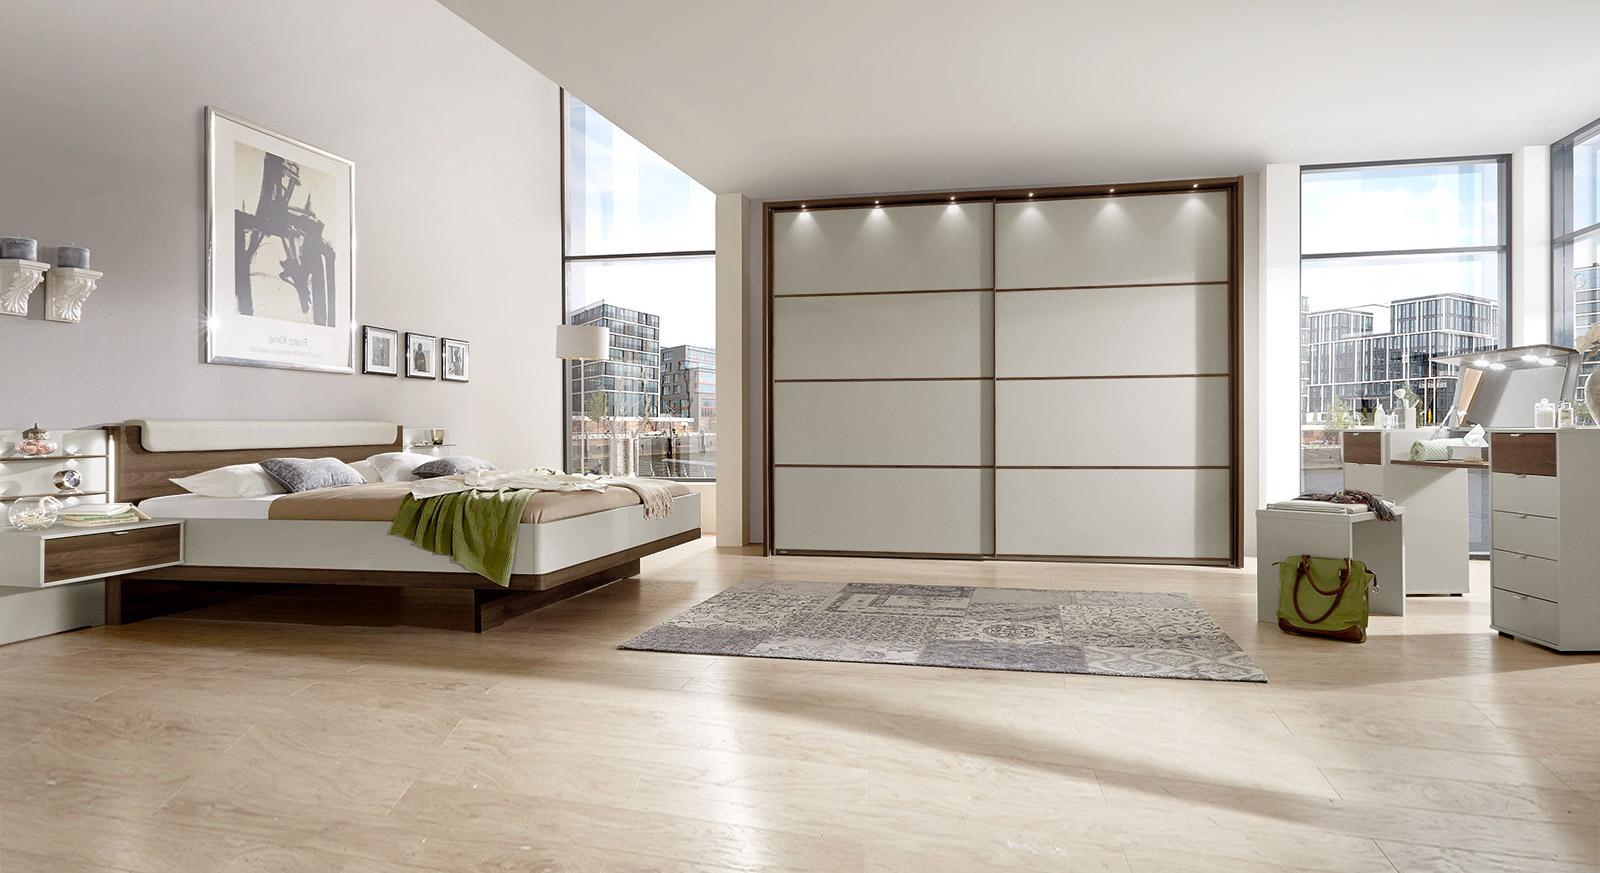 Schlafzimmer als komplette 6-teilige Einrichtung, creme - Patiala